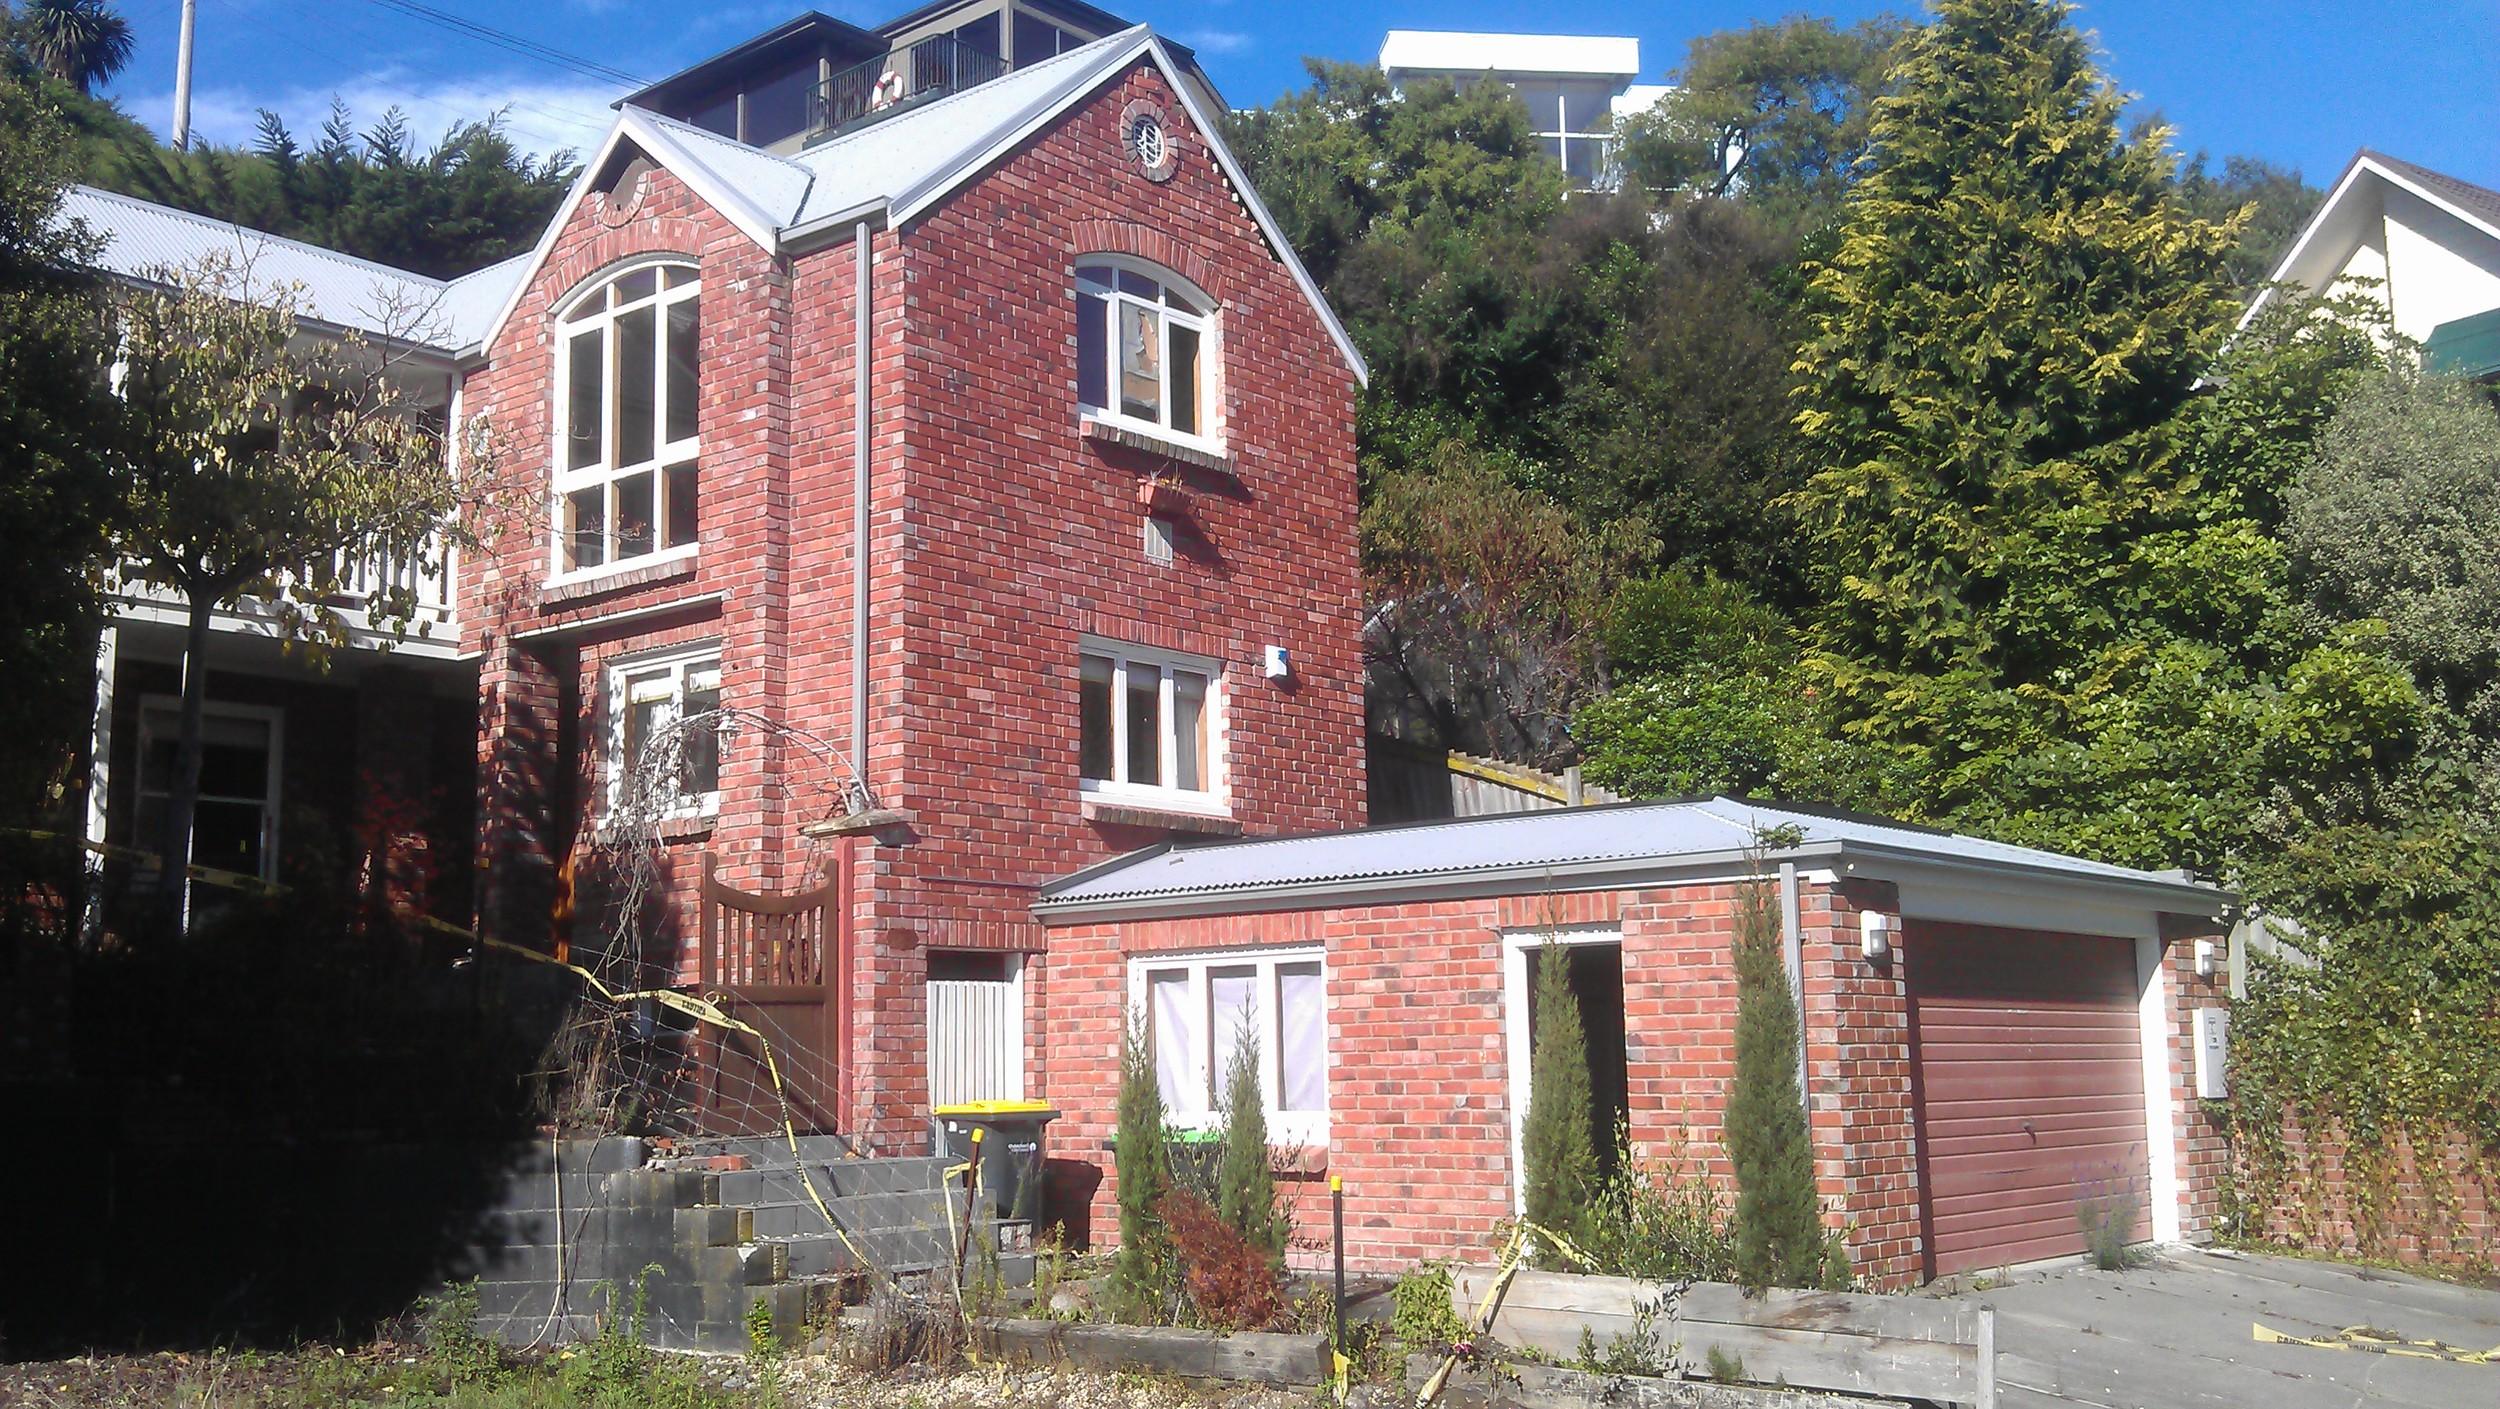 Soper house before